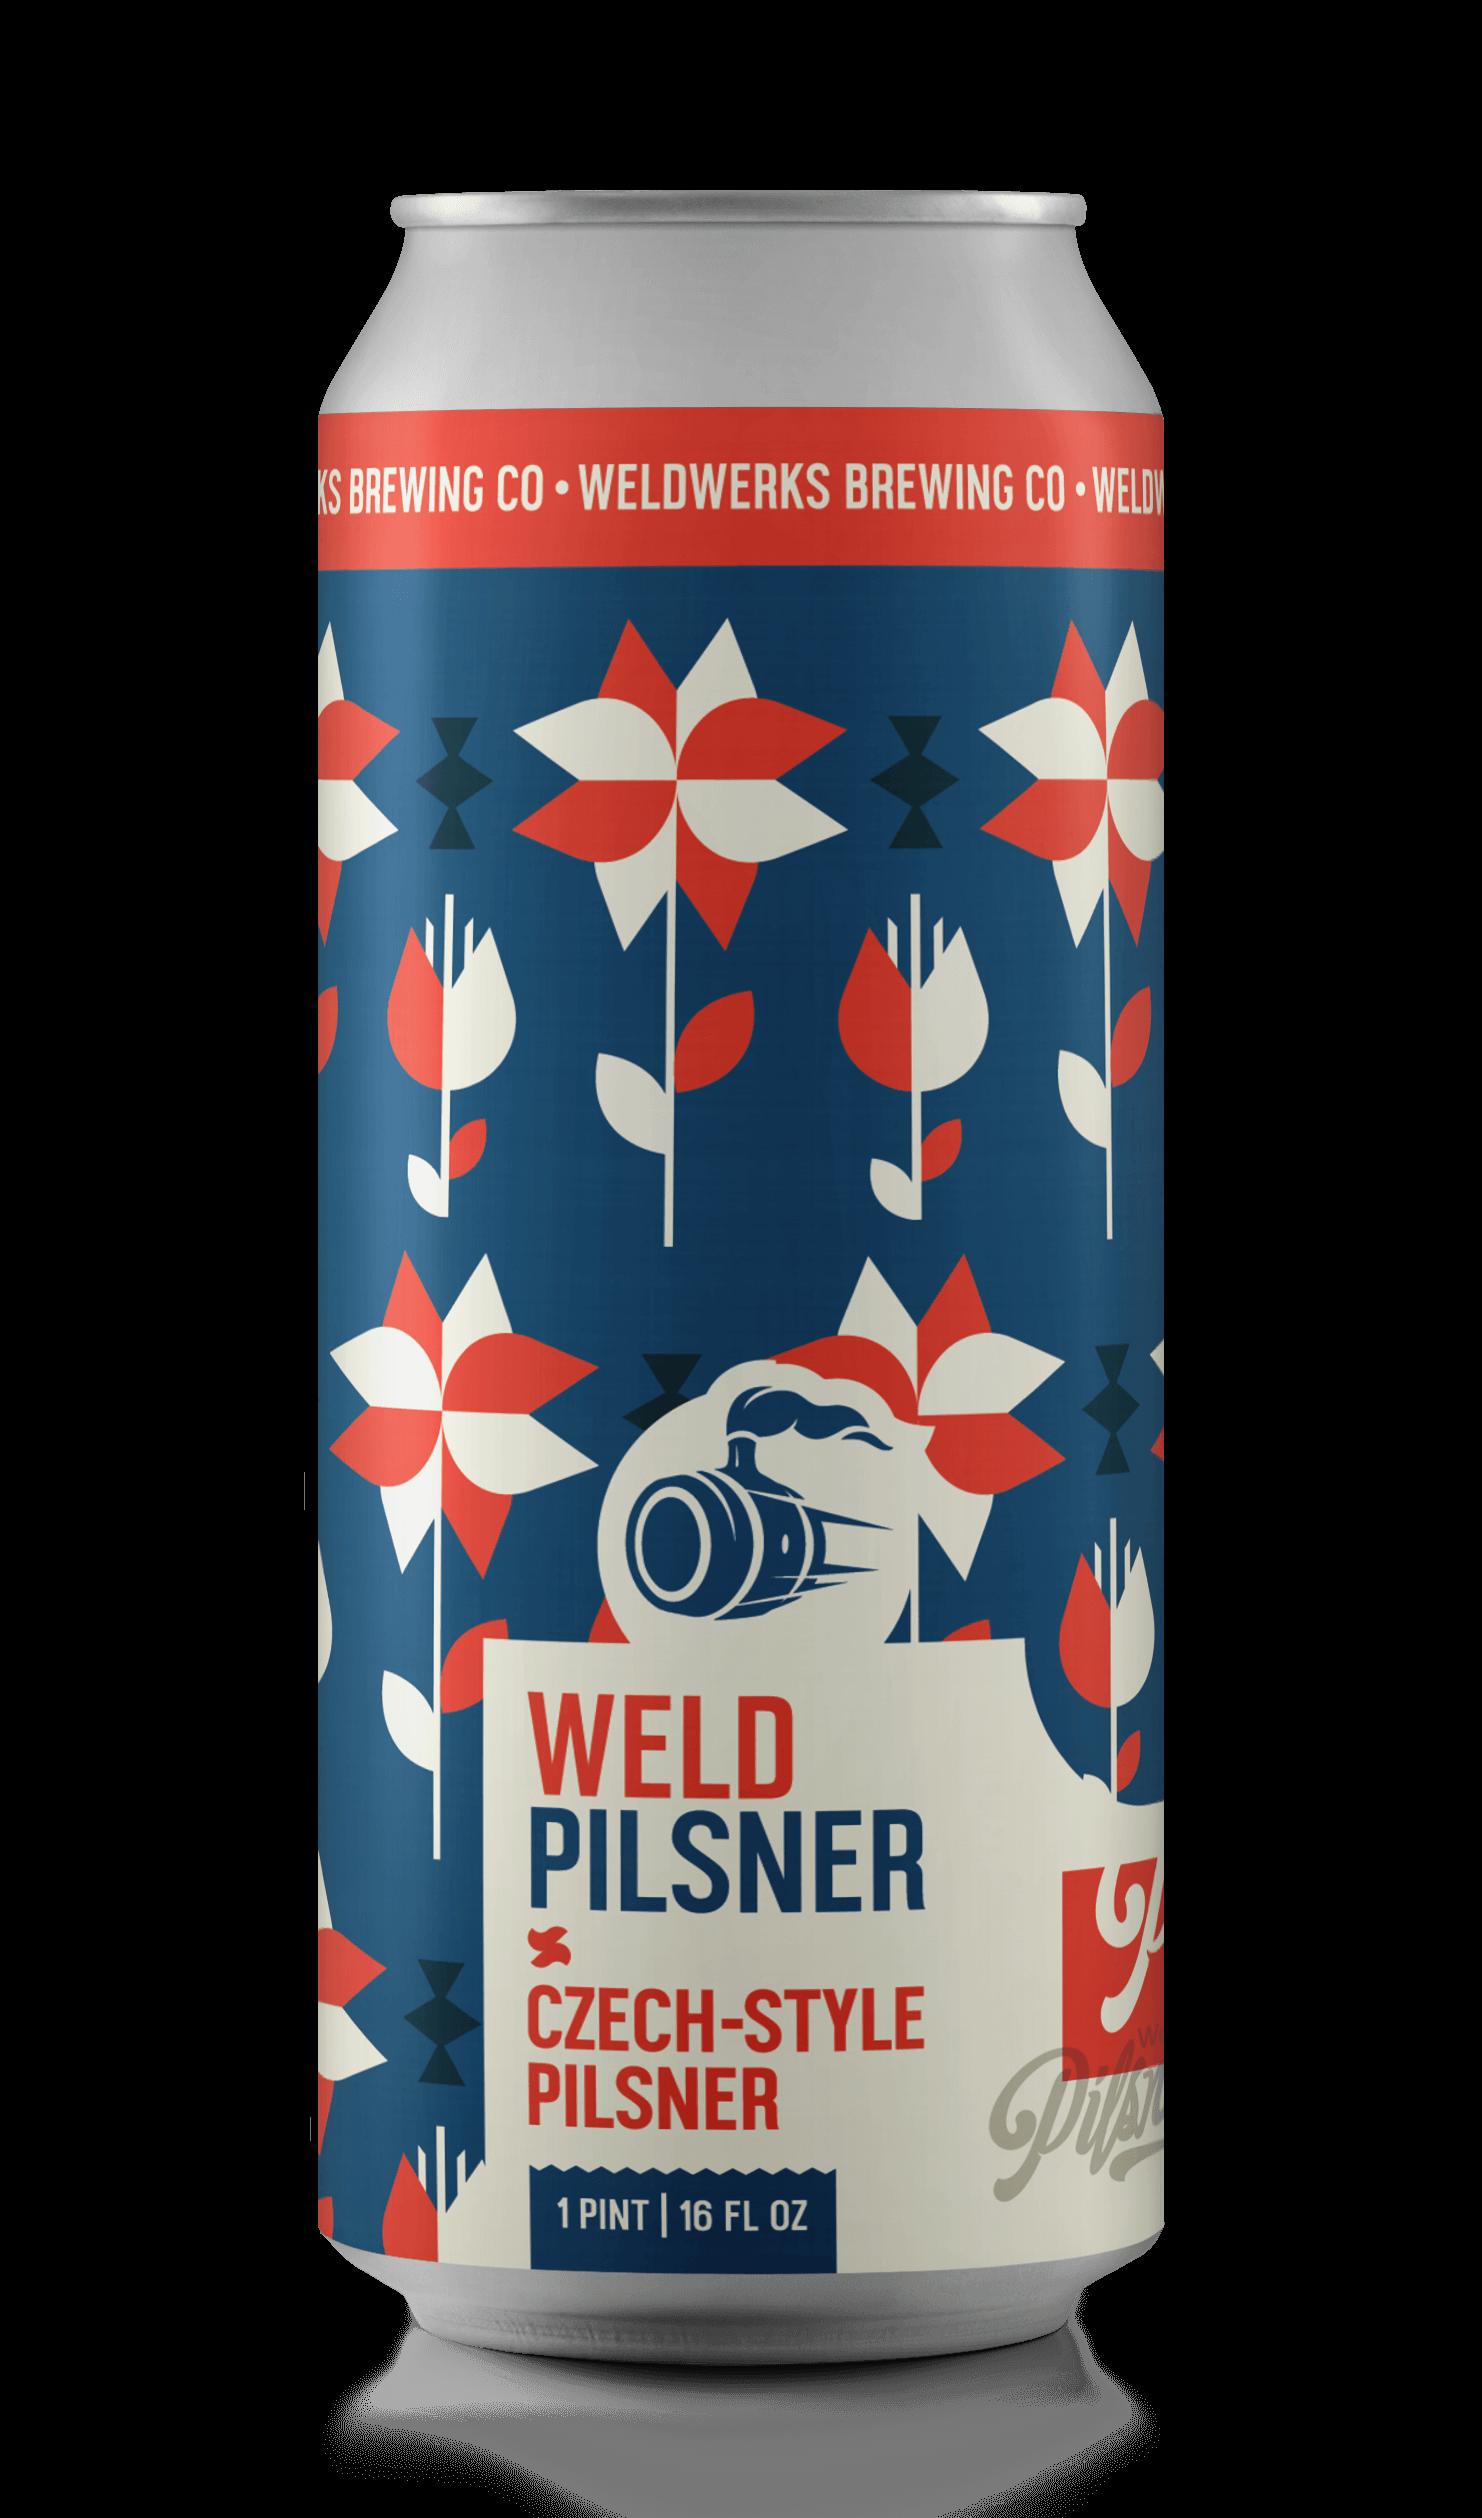 Weld Pilsner